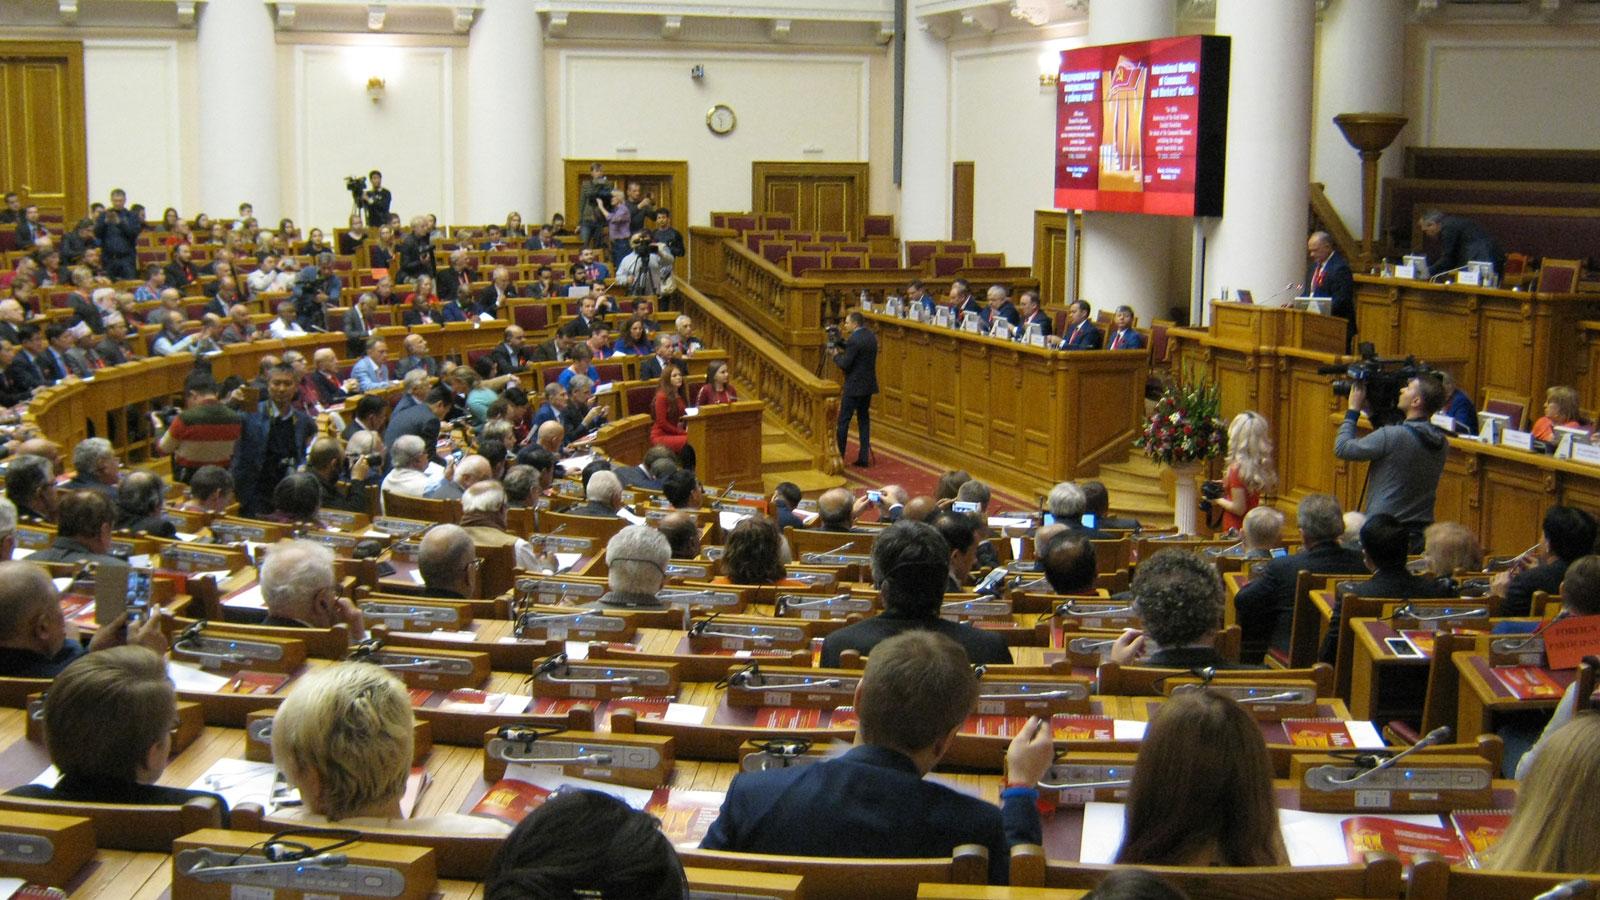 ÇEVİRİ | Rusya Komünist İşçi Partisi: Yaşamın kendisi, Marksizm'in kurucularının haklılığını kanıtladı